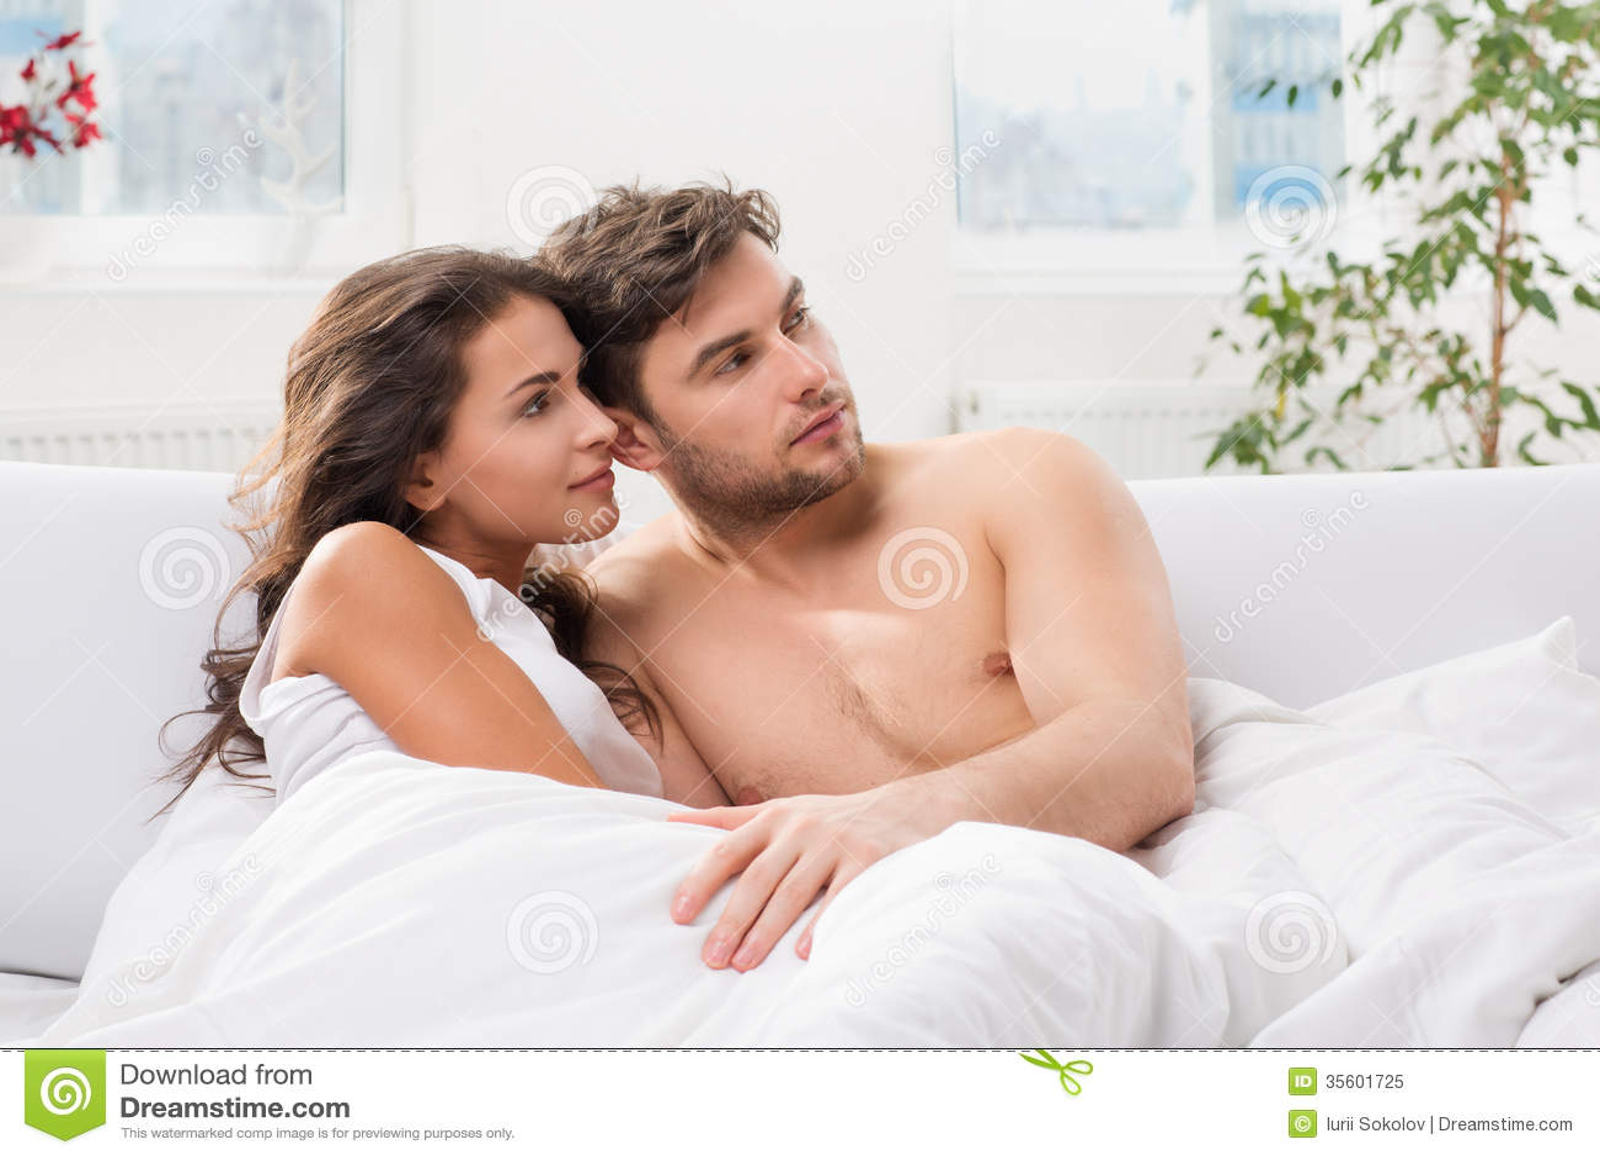 Супружеские пары смотреть онлайн 1 фотография